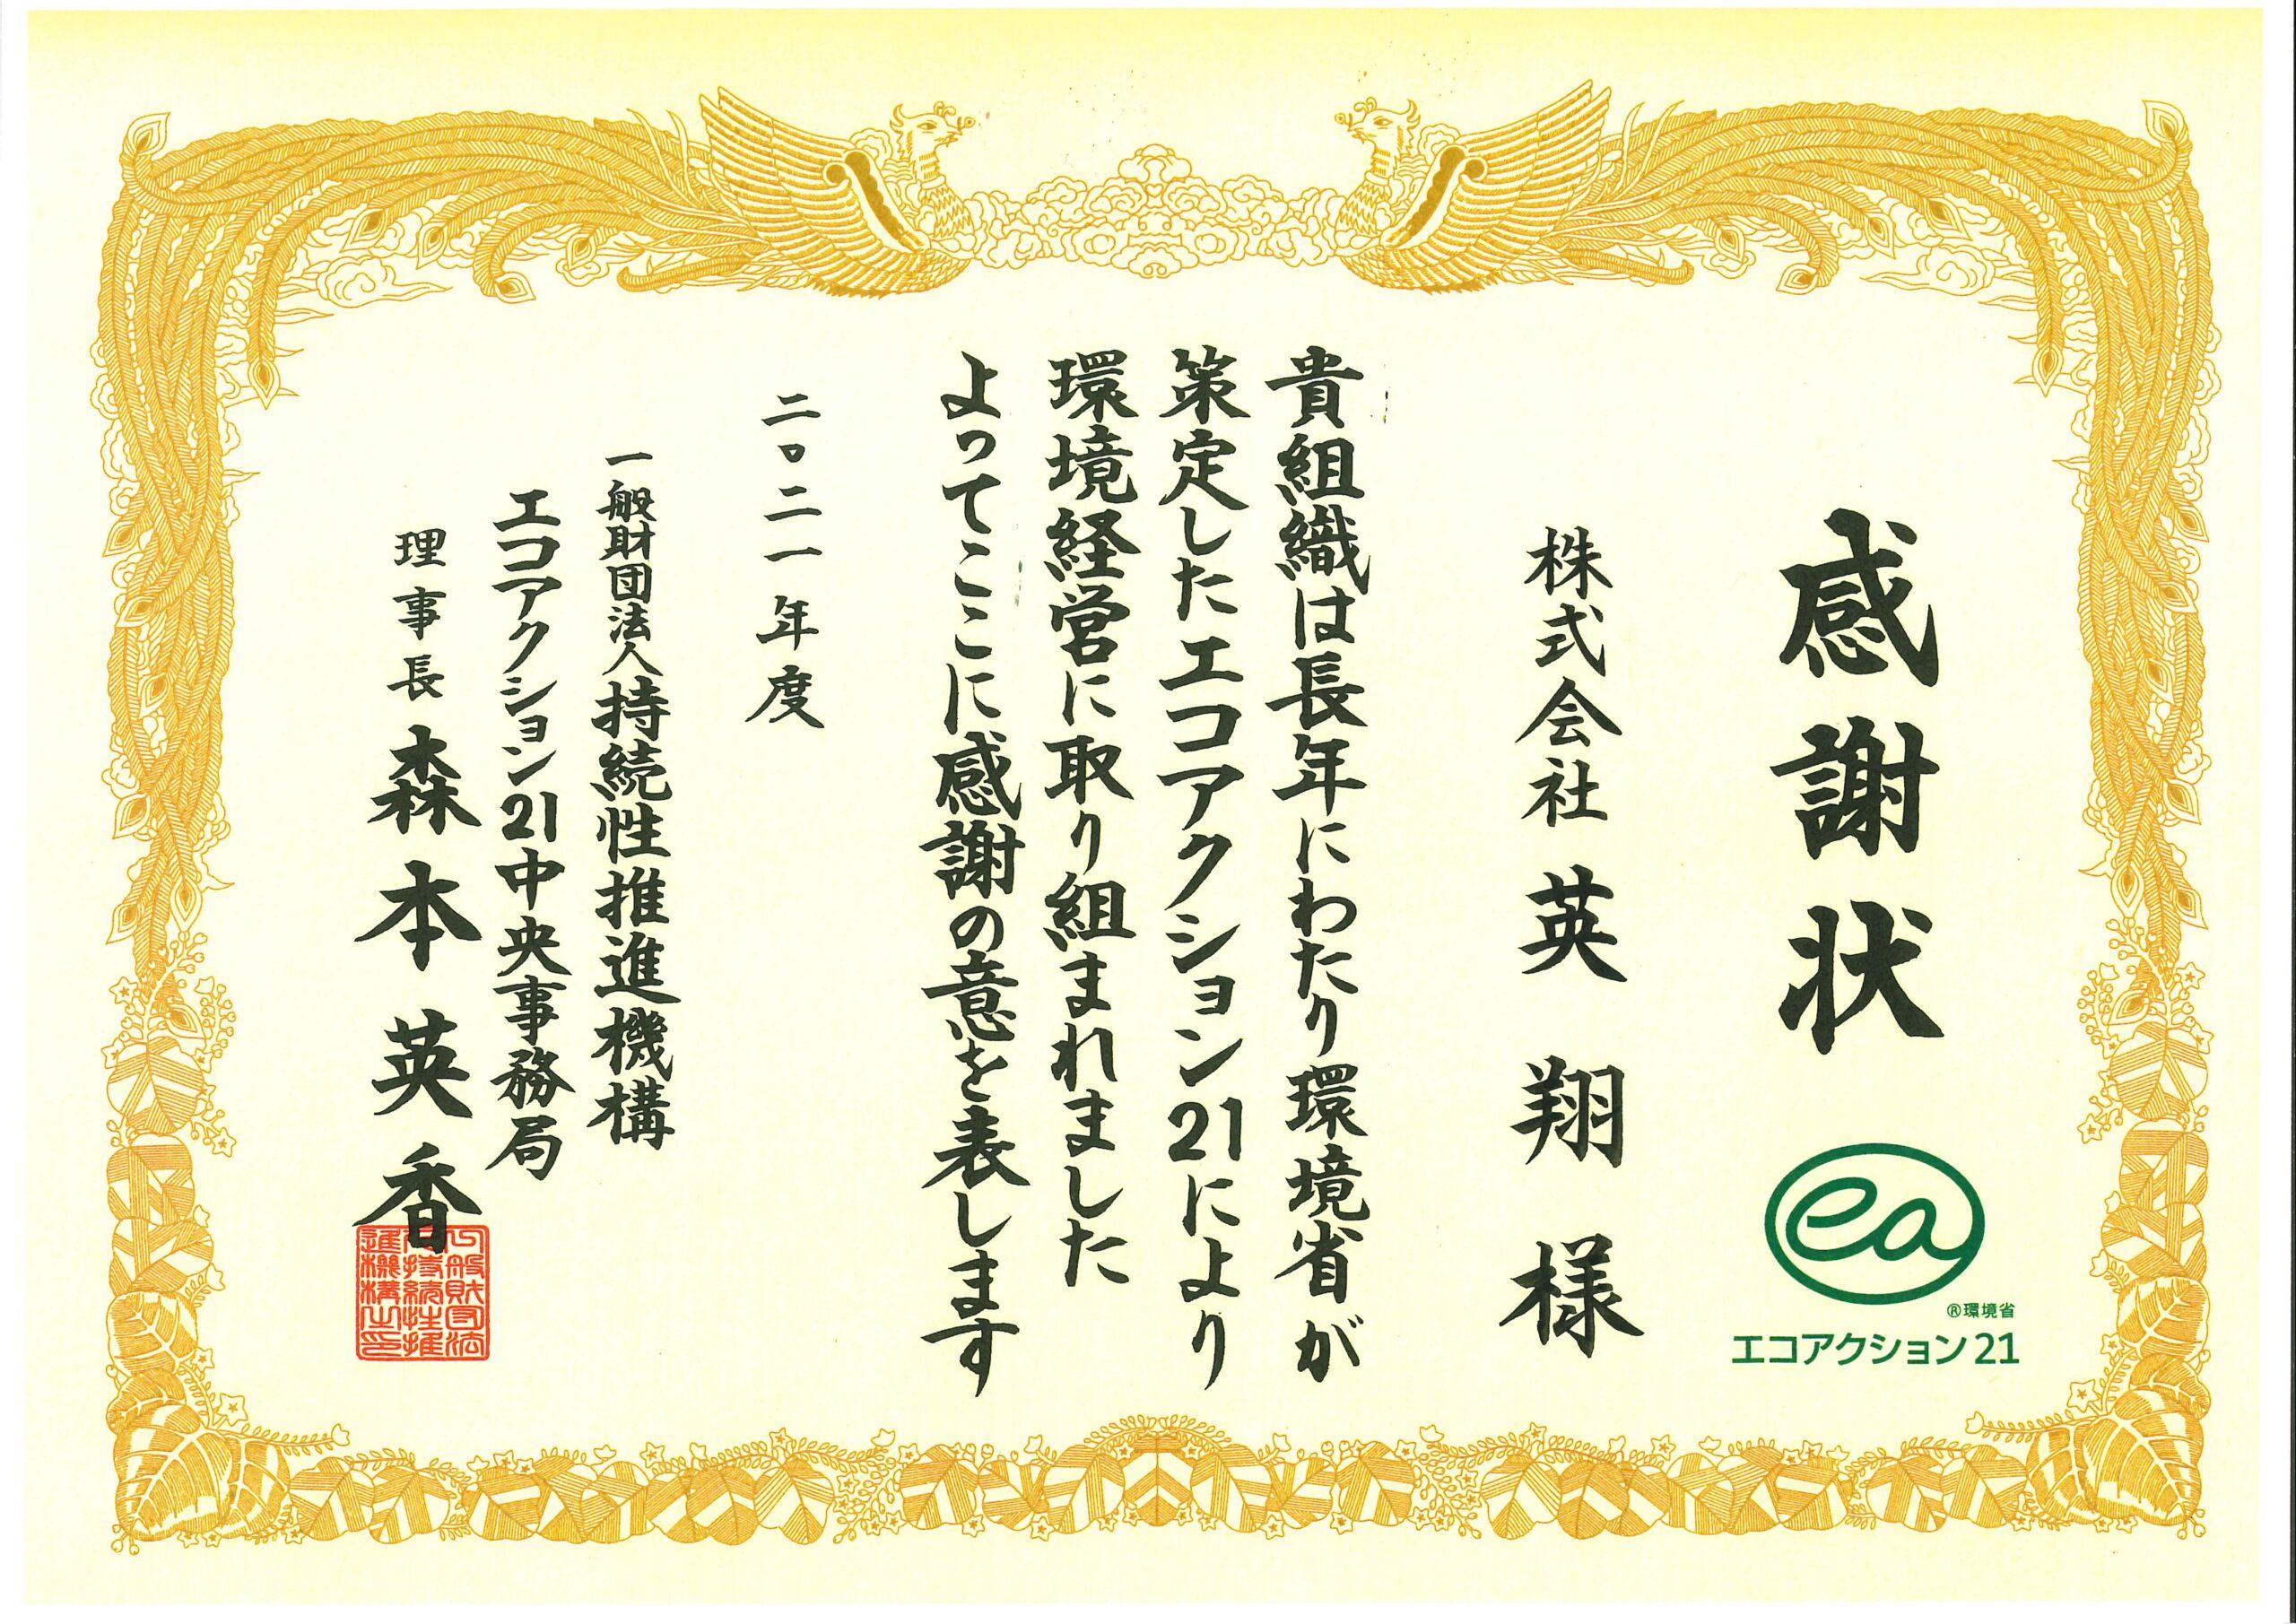 エコアクション21感謝状